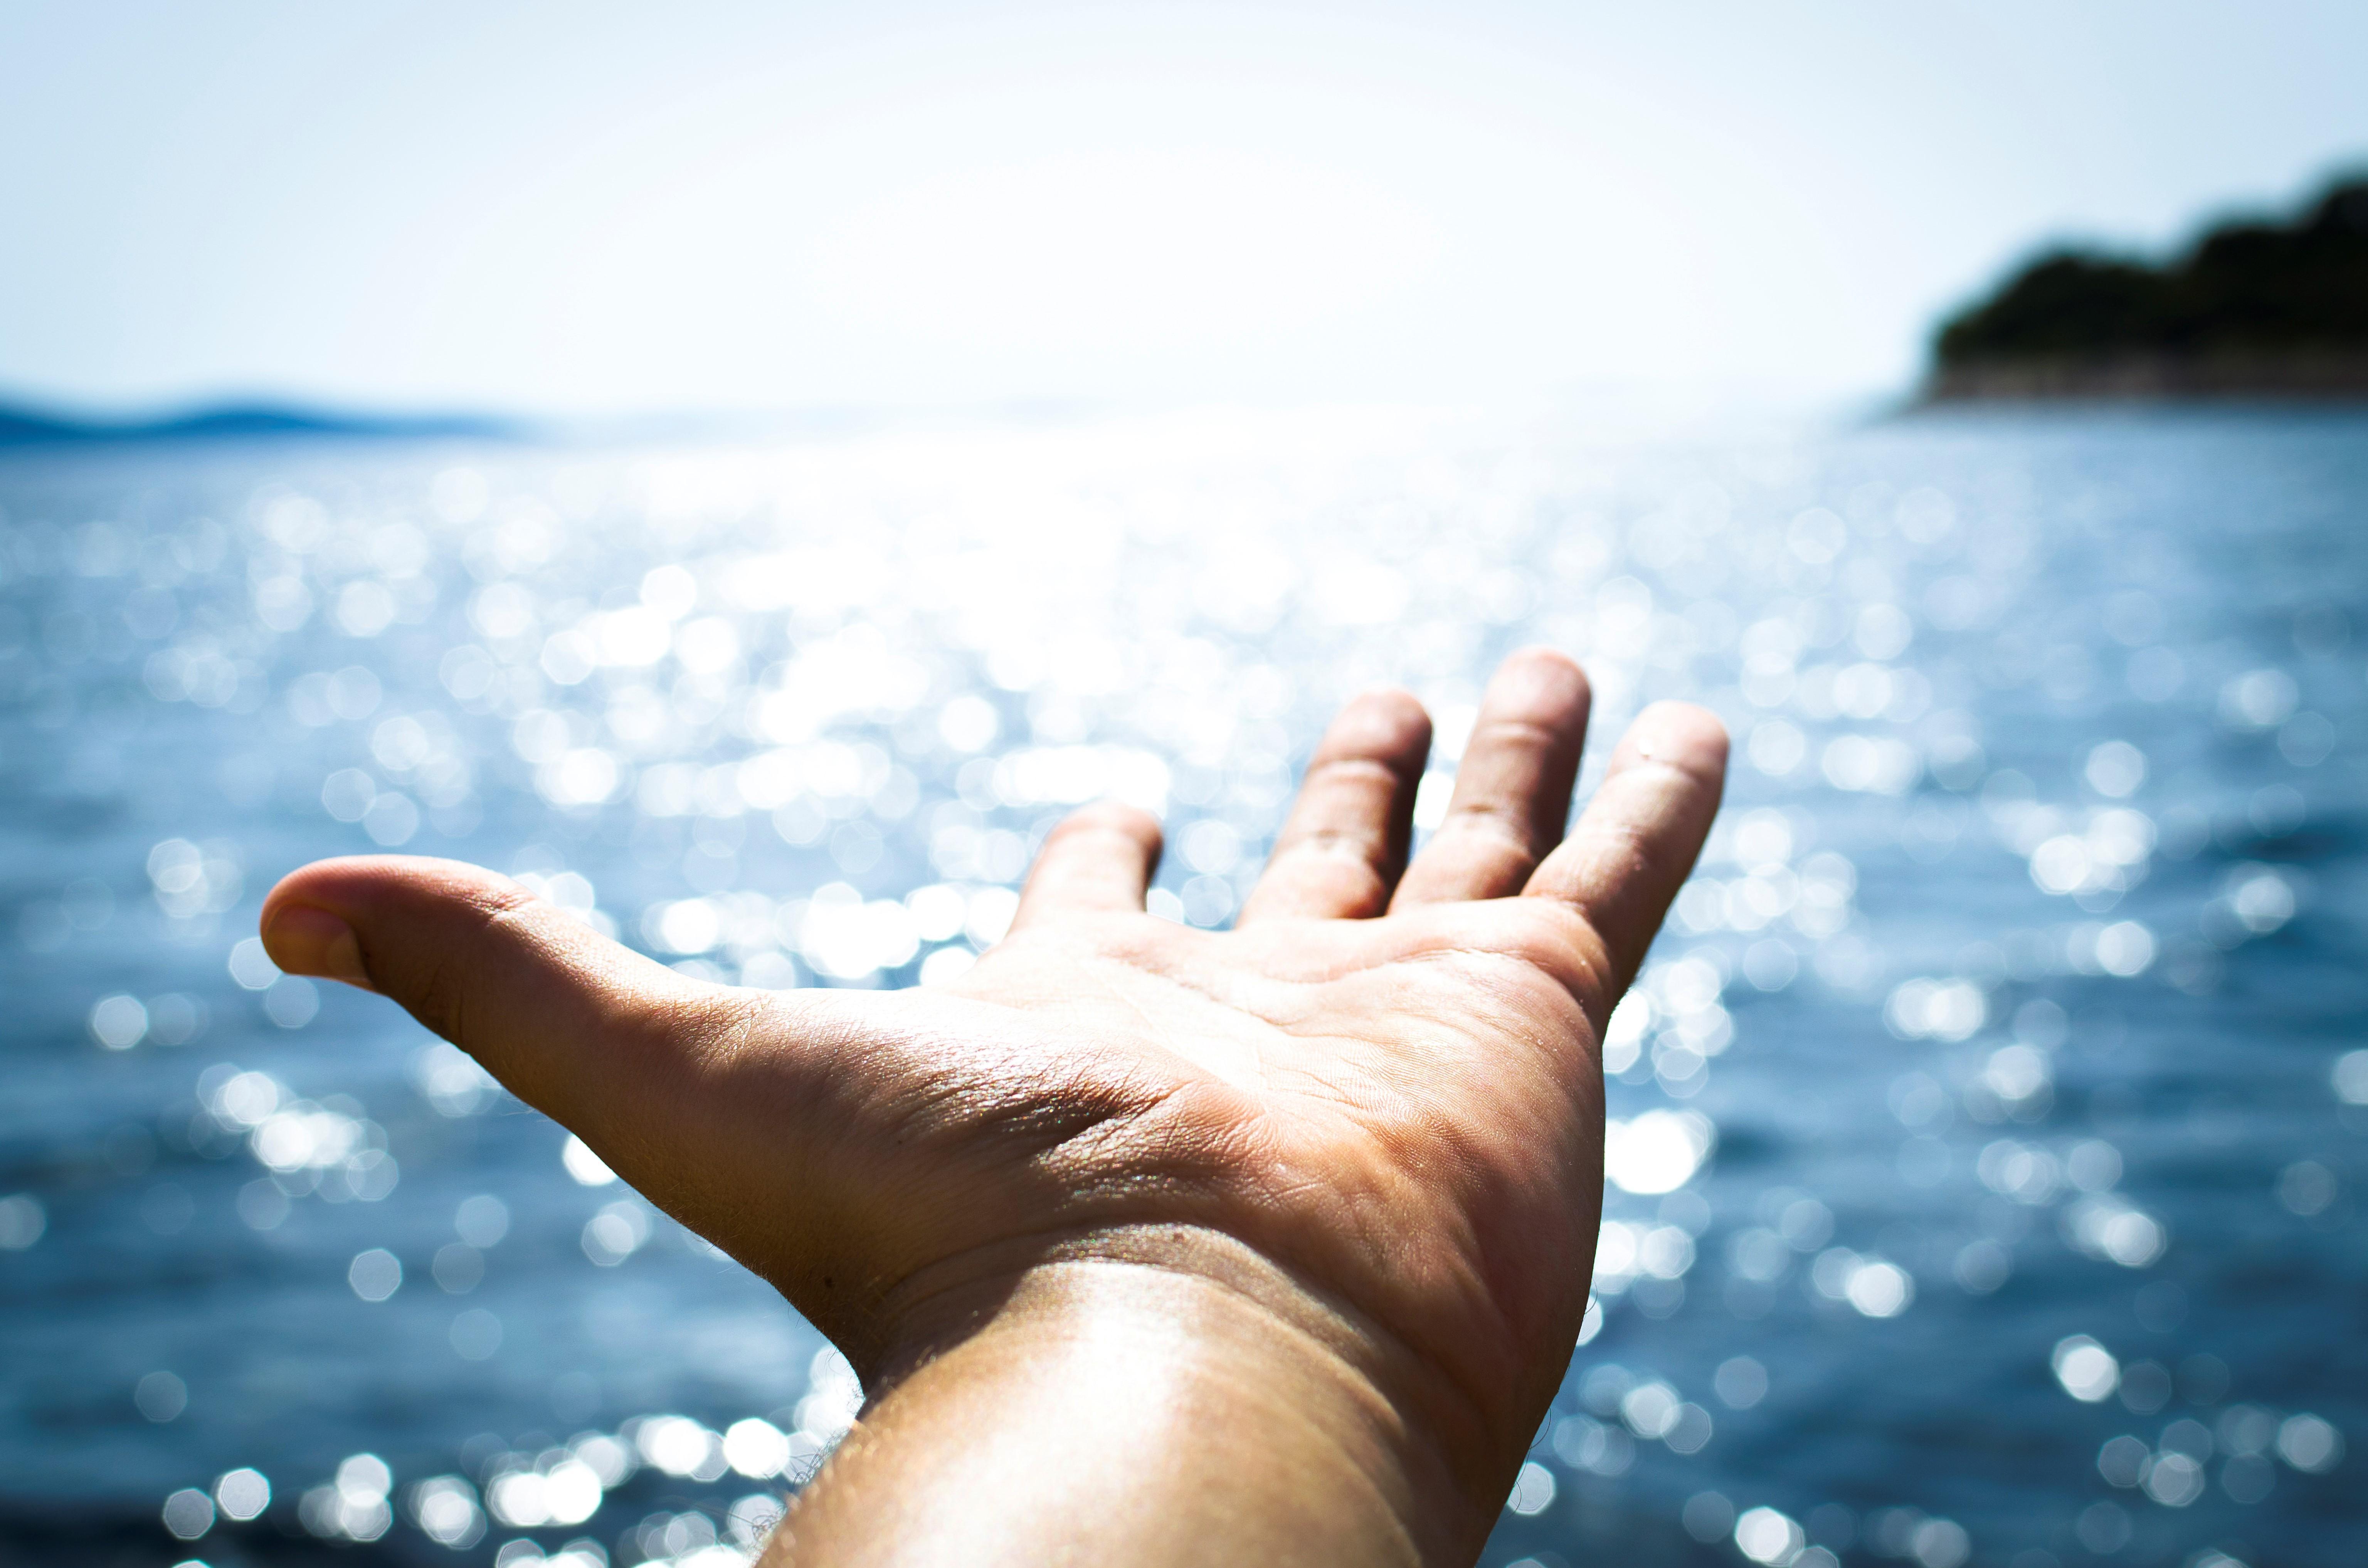 Quelle: Pexels.com: Adult-background-beach-blue-296282